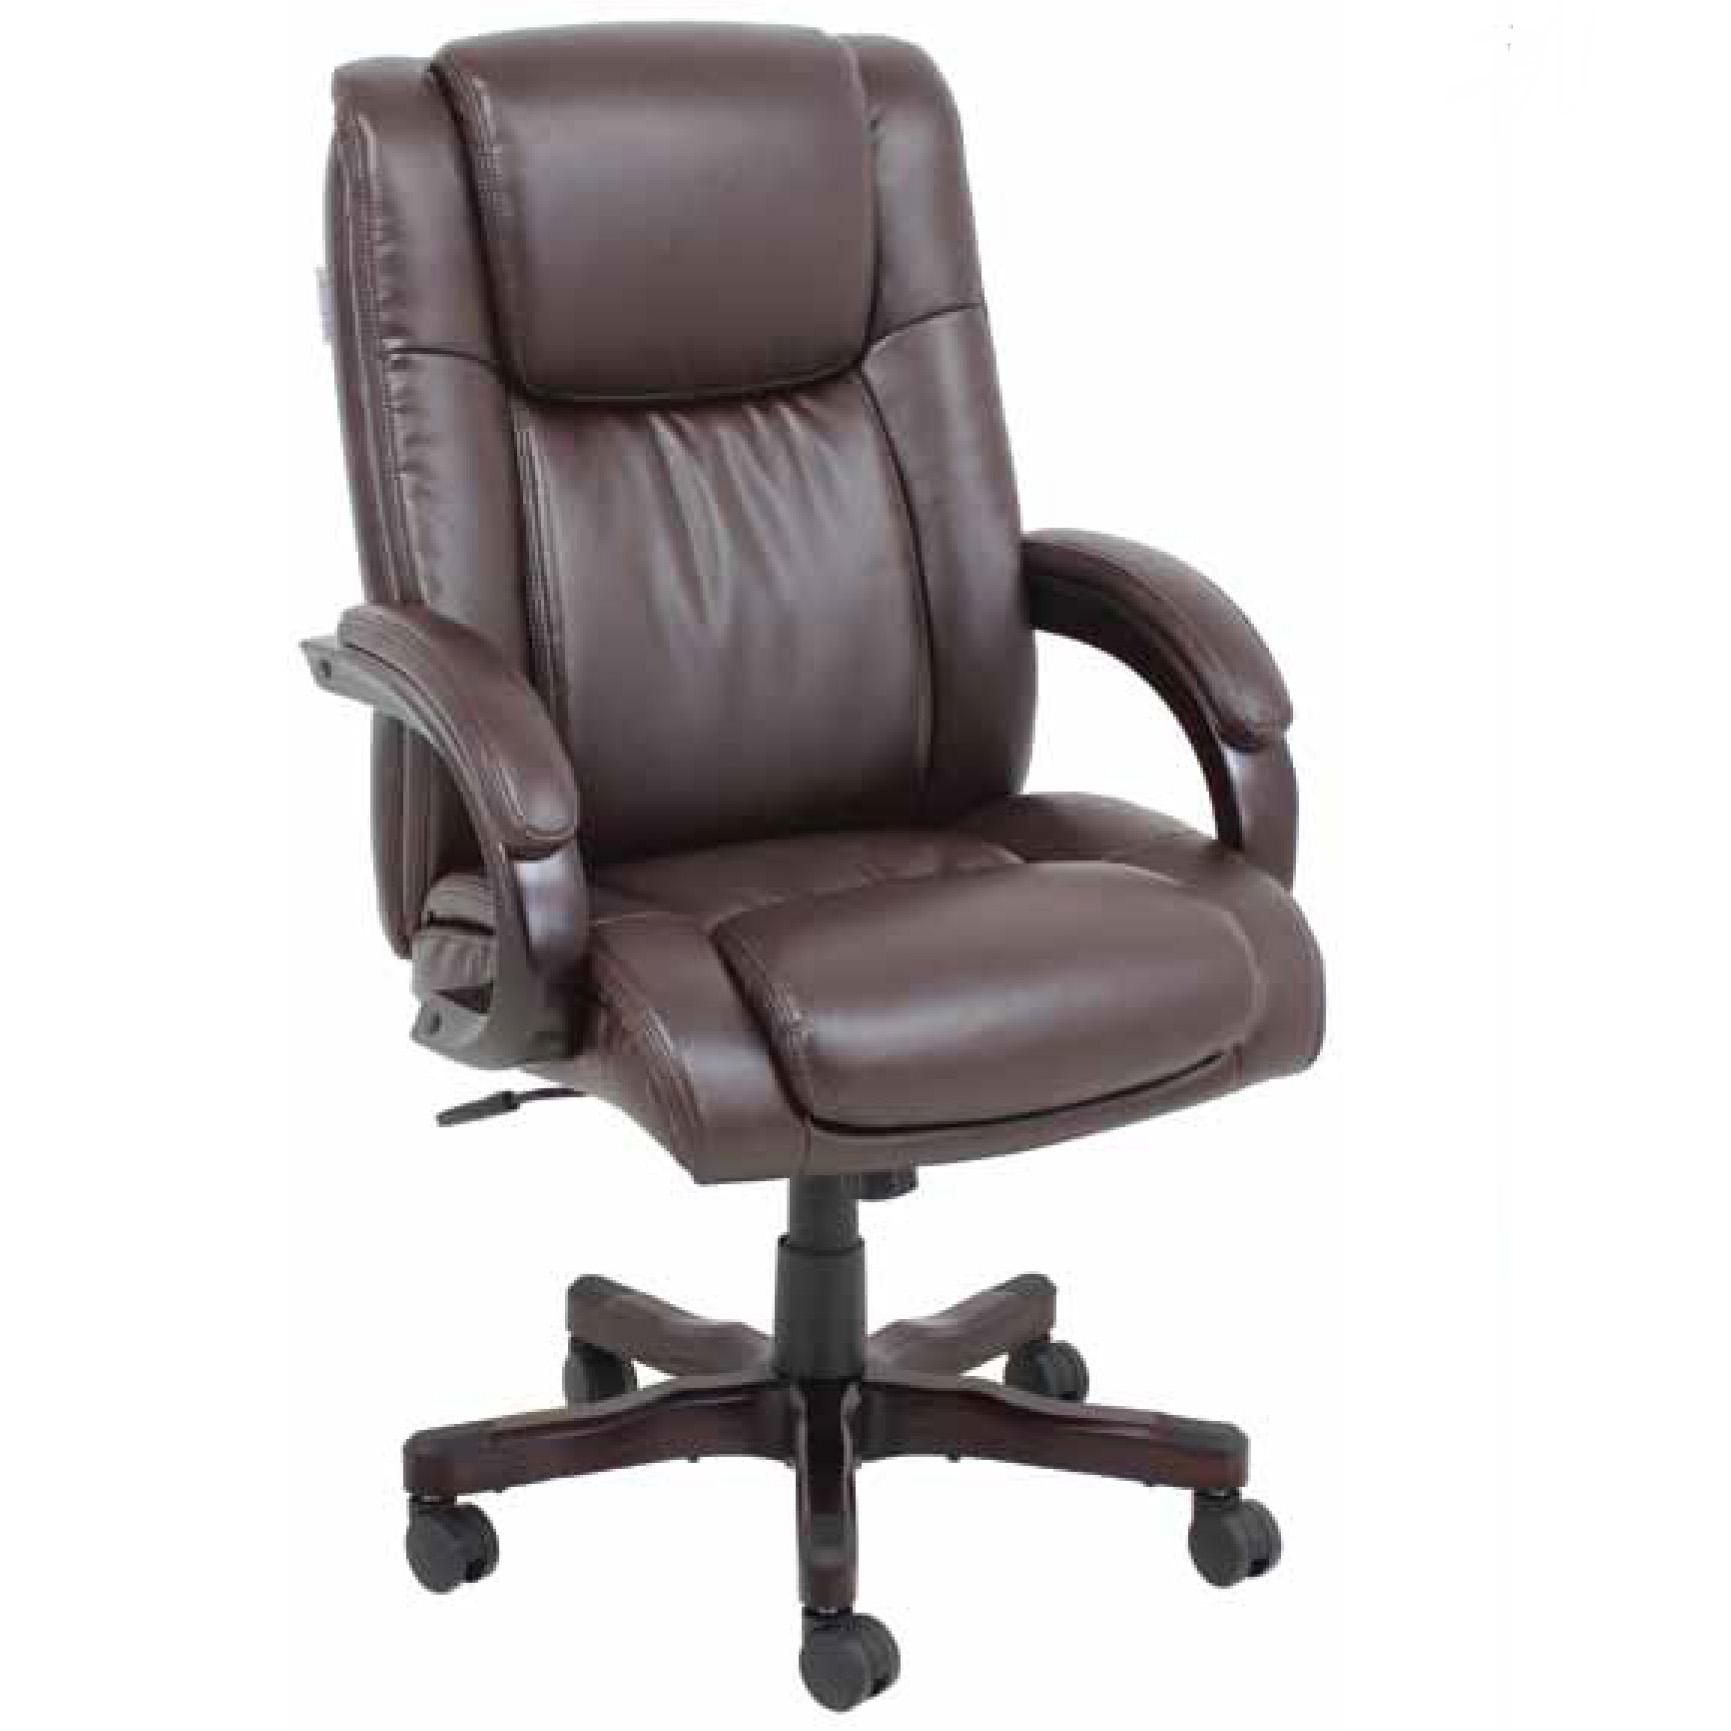 Barcalounger Titan II Home Office Desk Chair Recliner